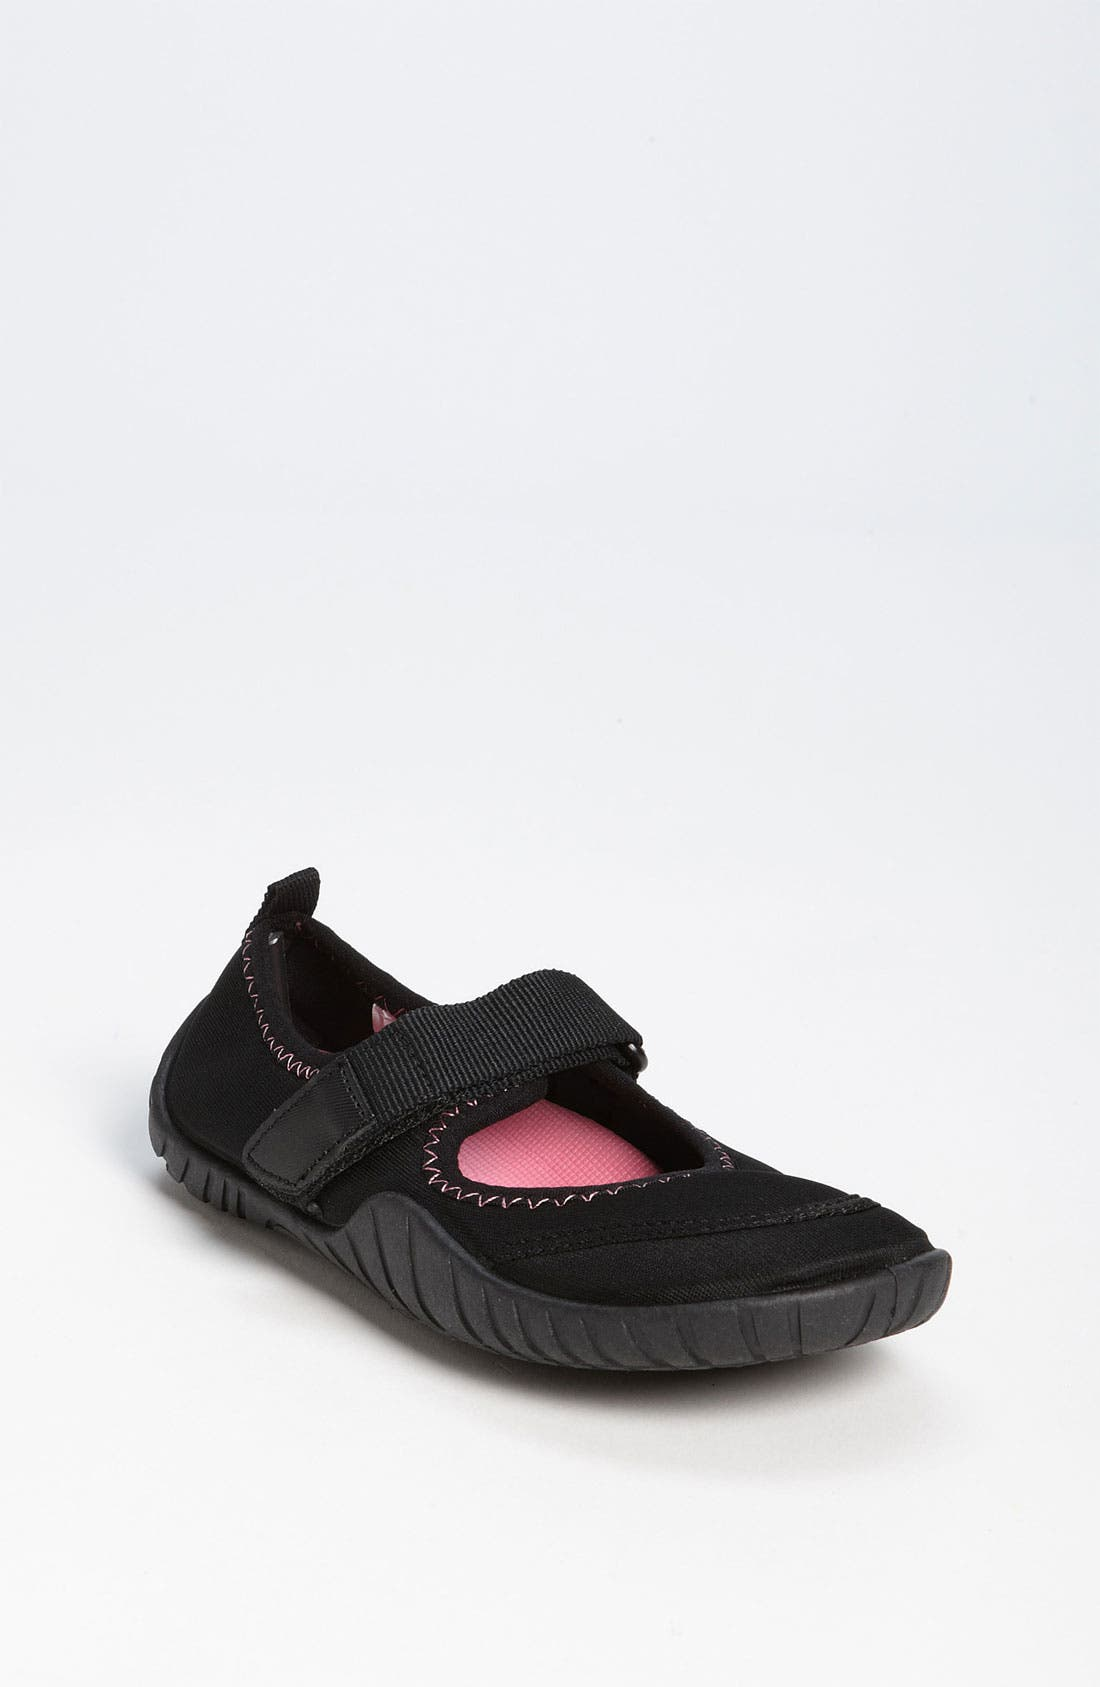 Main Image - Nordstrom 'Tide' Aqua Shoes (Walker, Toddler, Little Kid & Big Kid)